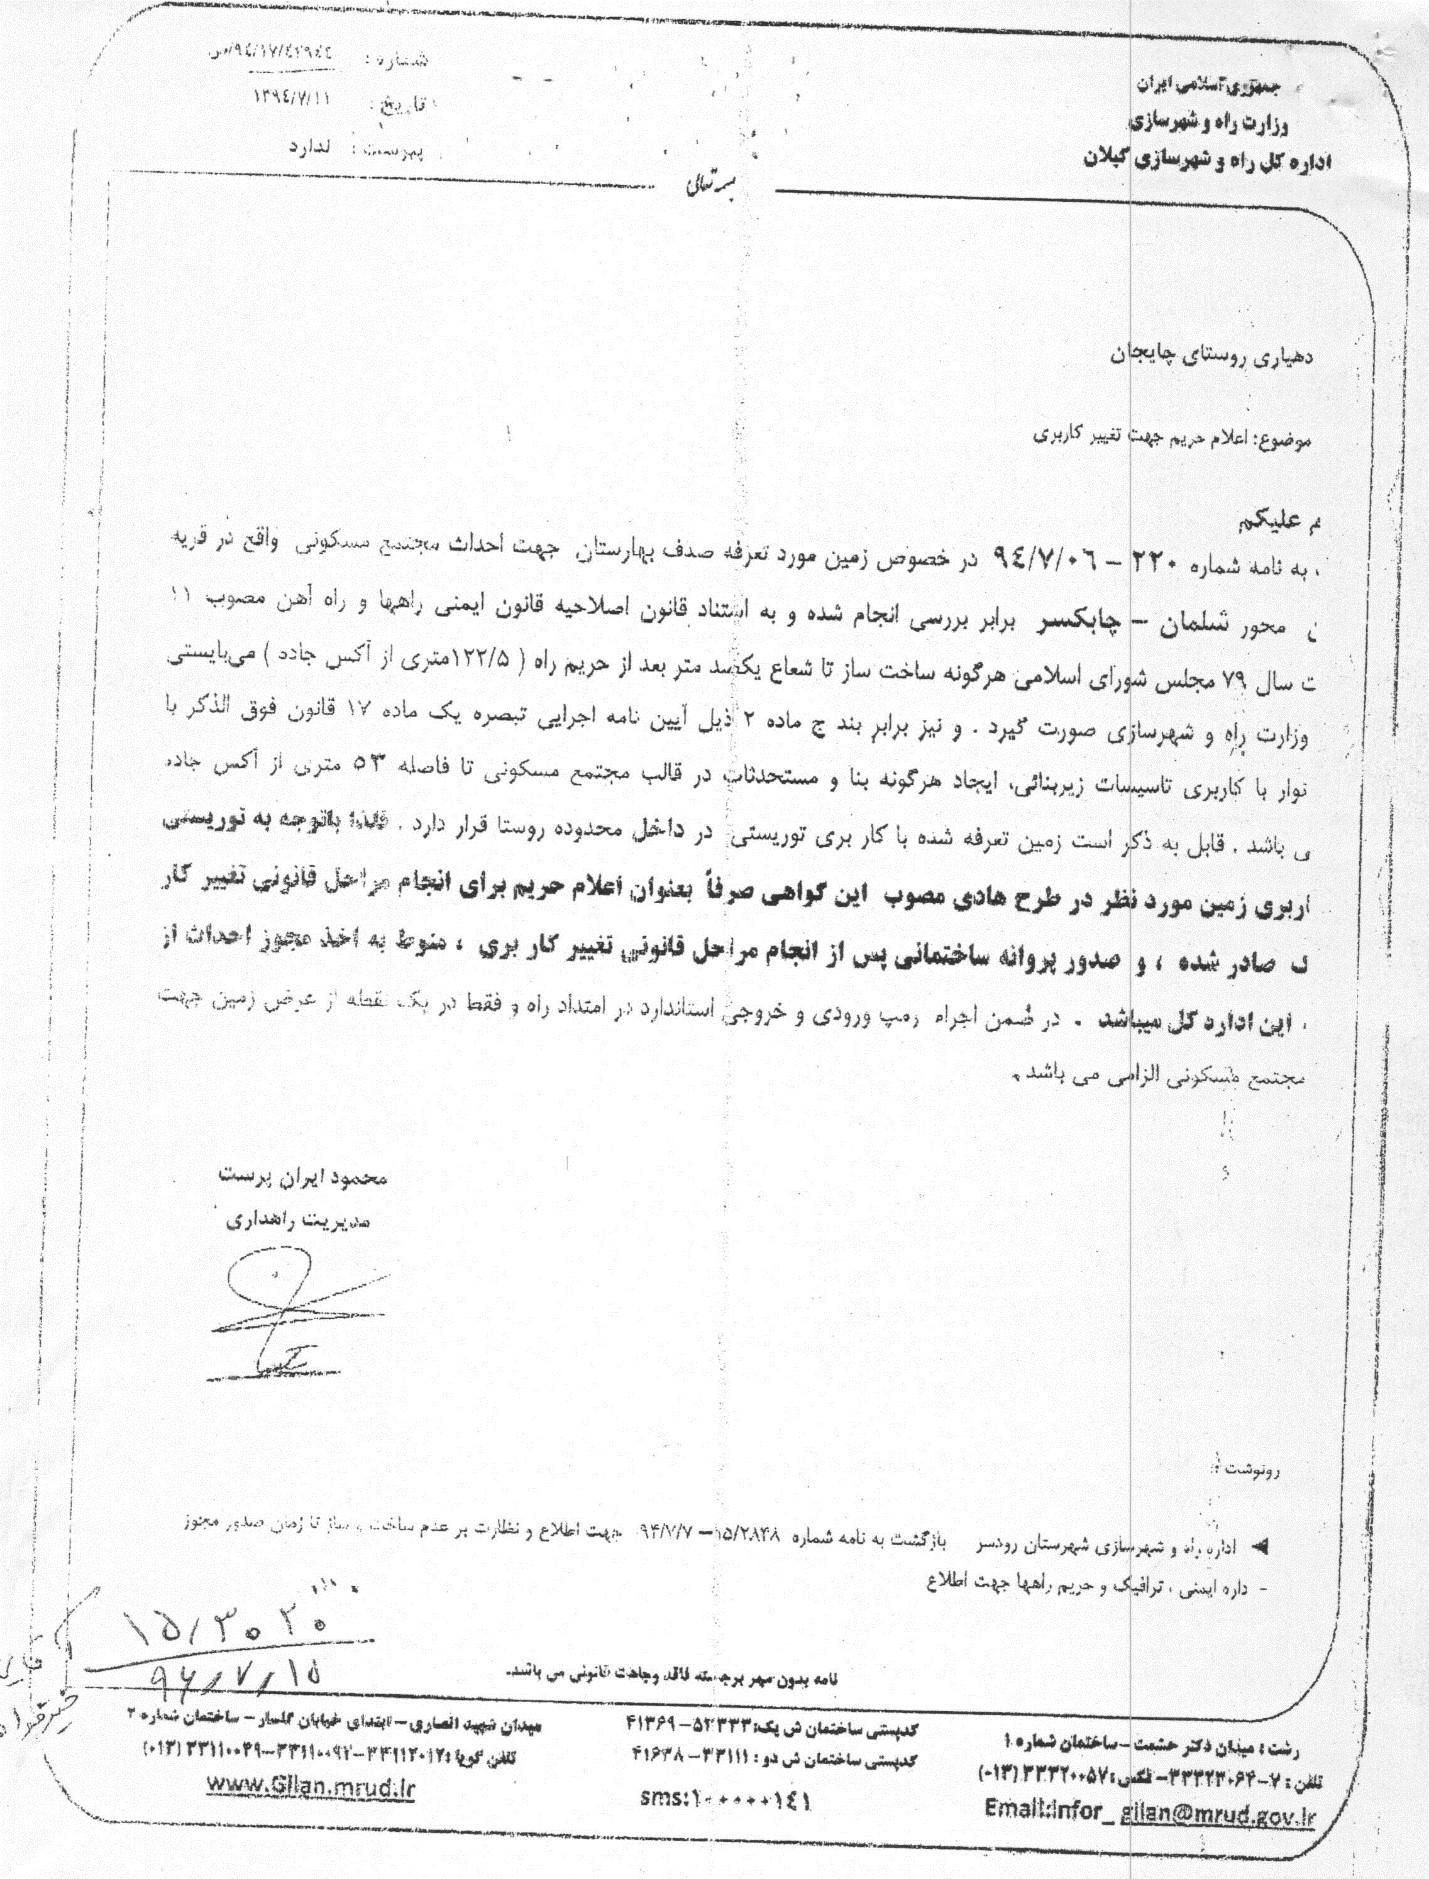 مجتمع سازی غیر قانونی کارکنان منتسب به دیوان محاسبات و حمایت حقوقی وزارت کشور!